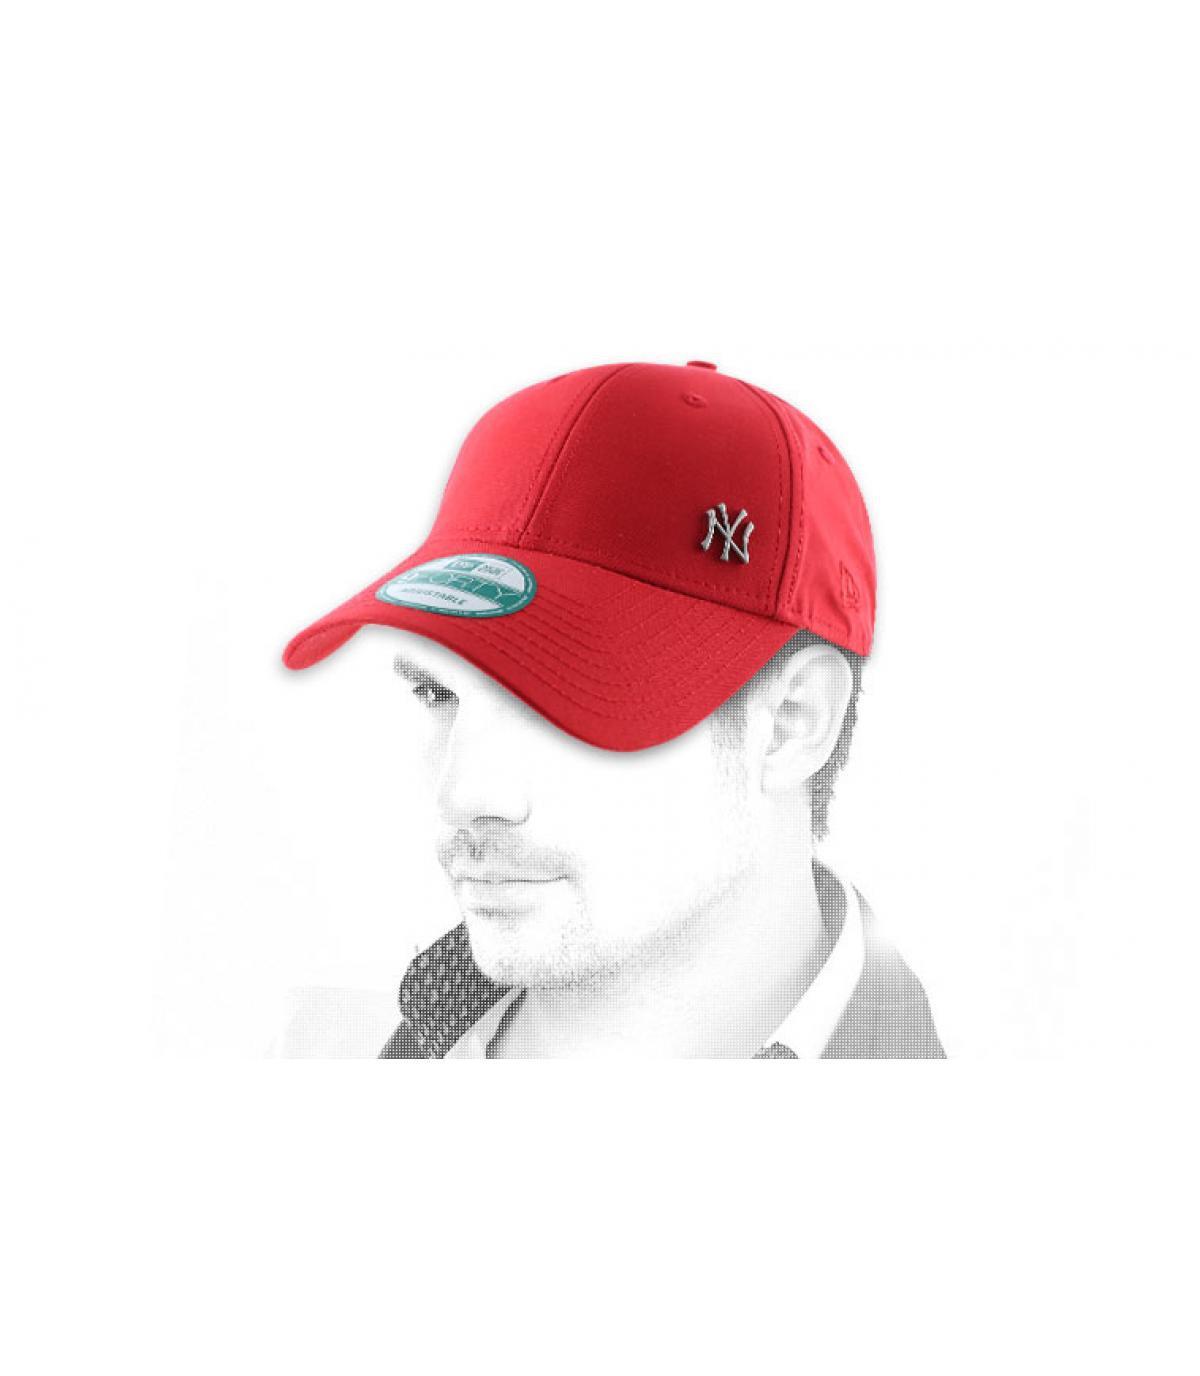 MLB flawless logo NY black cap